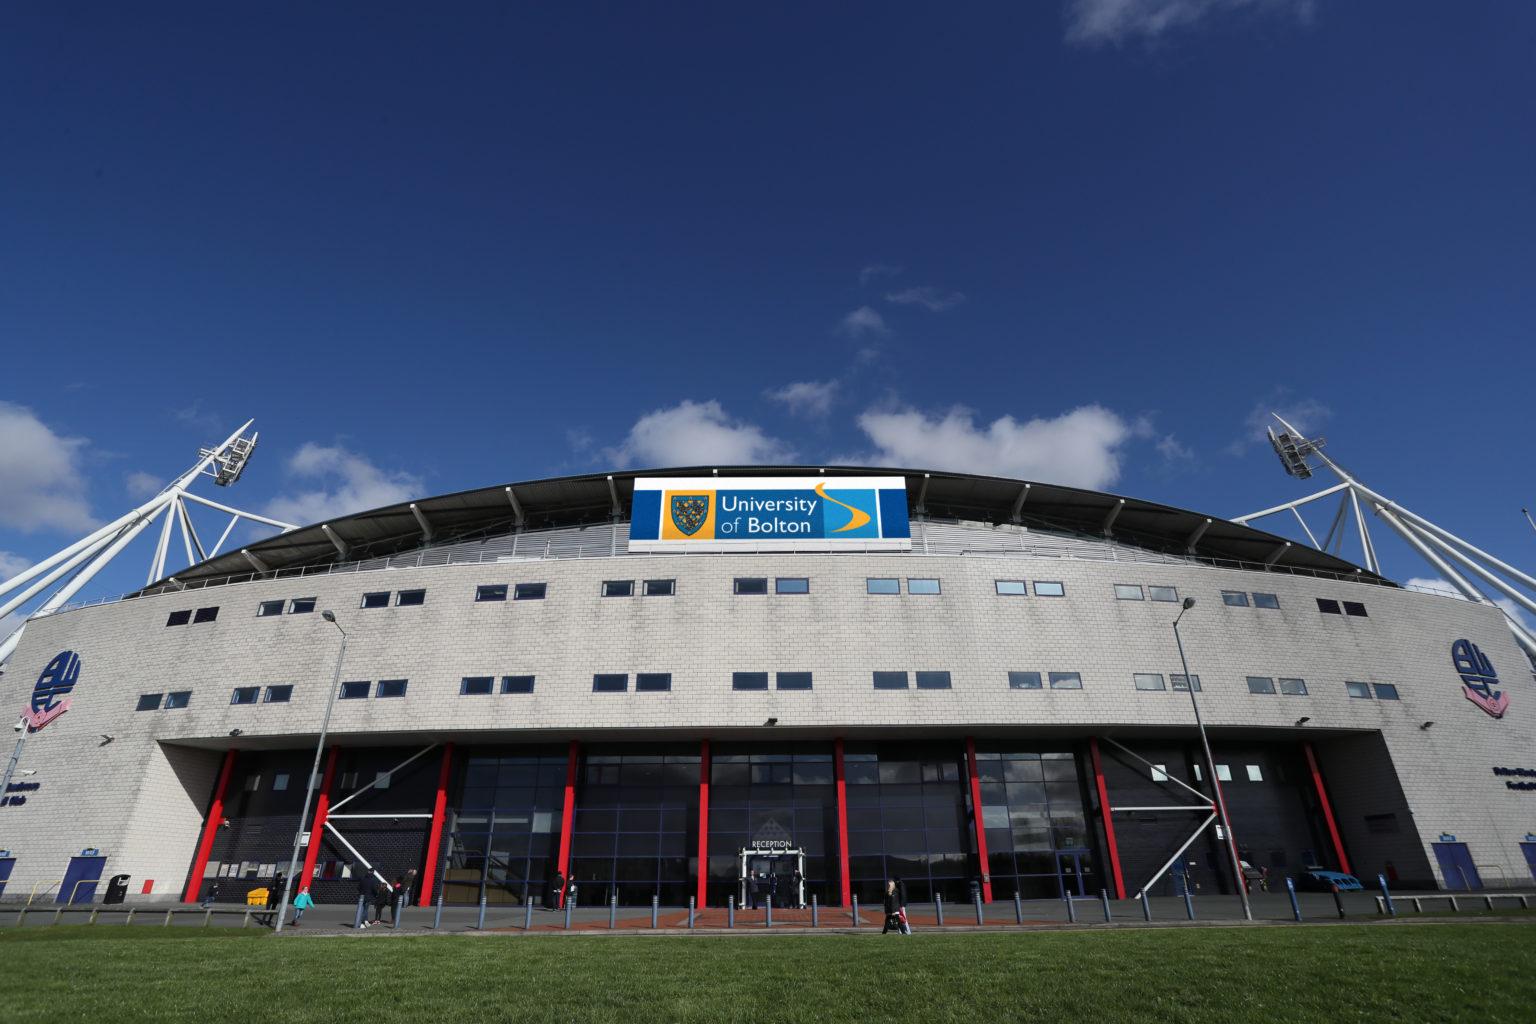 Safety Advisory Group: Statement on the University of Bolton Stadium